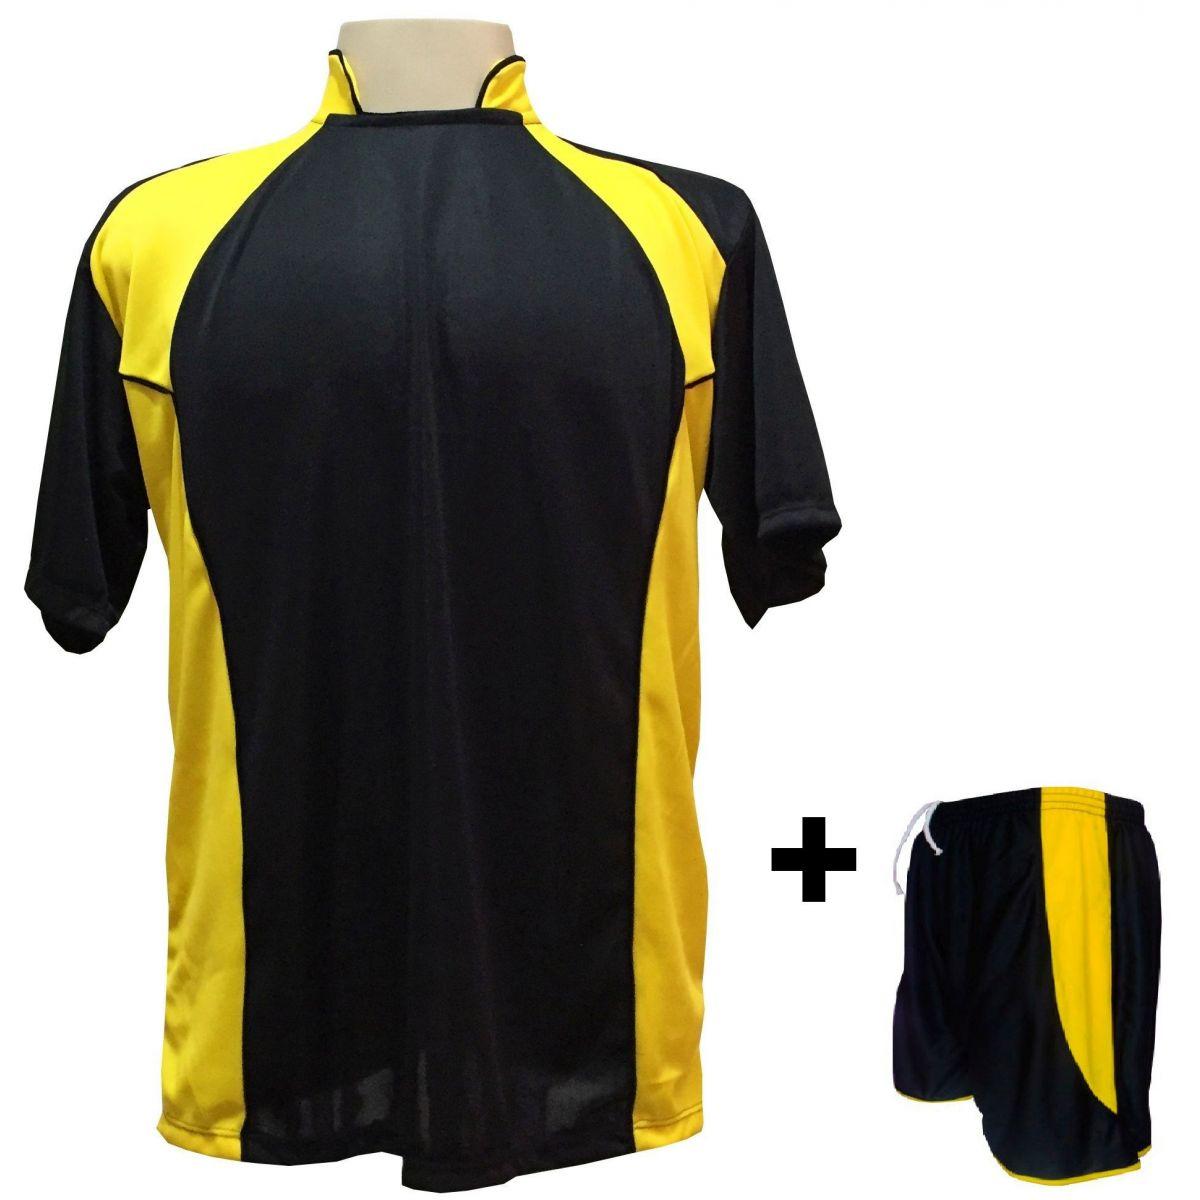 47ea59ecbc Uniformes Esportivos · Camisa + Calção · Camisa + Calção com 14 unidades.  zoom